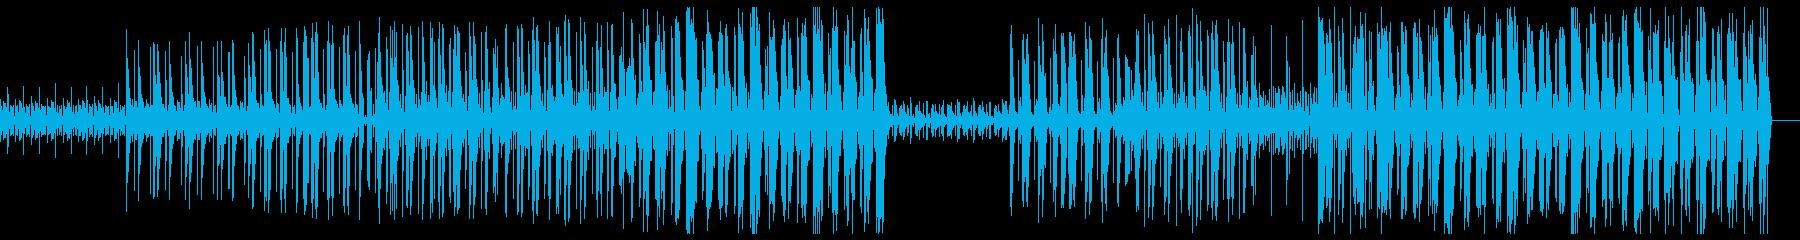 ダーク 不思議 トラップビートの再生済みの波形